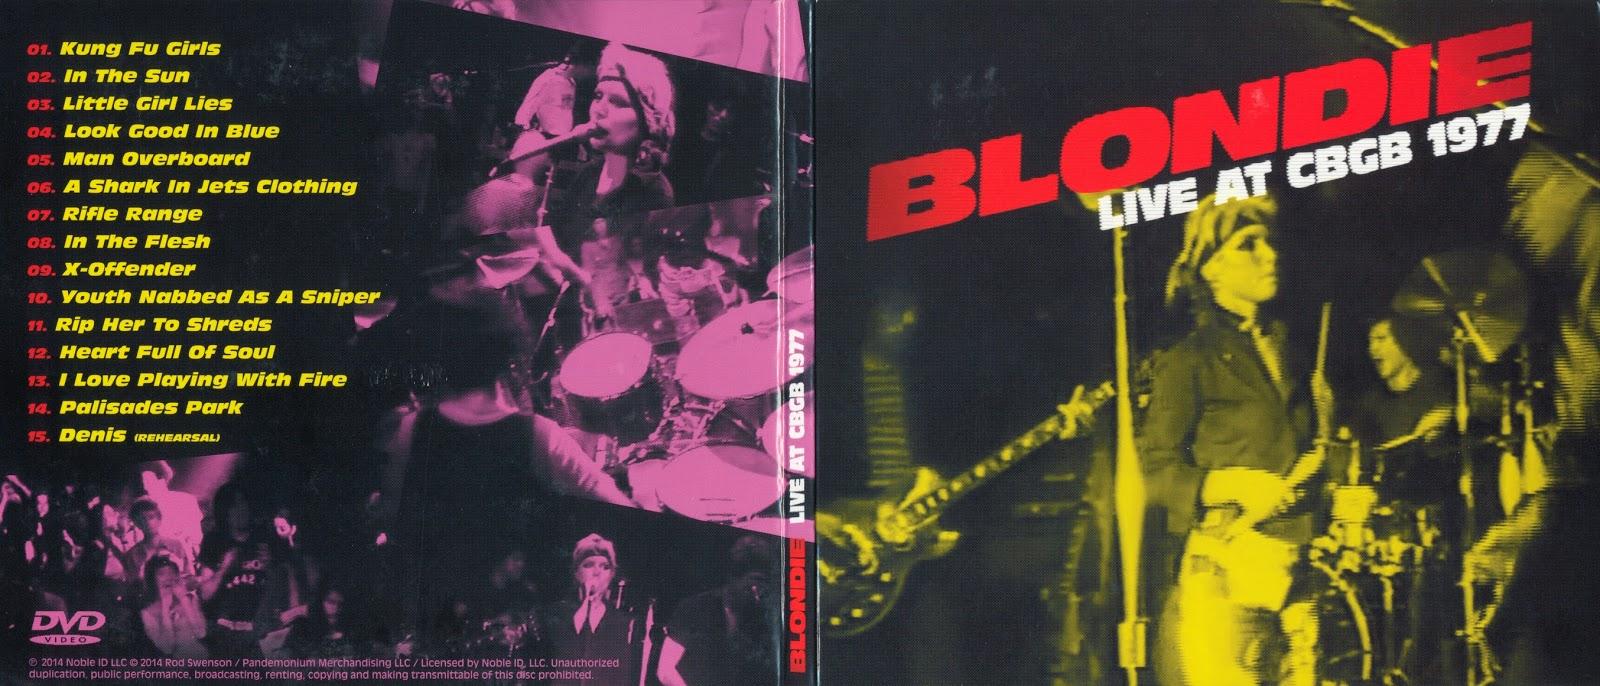 Music World 5000: Blondie - Live at CBGB 1977